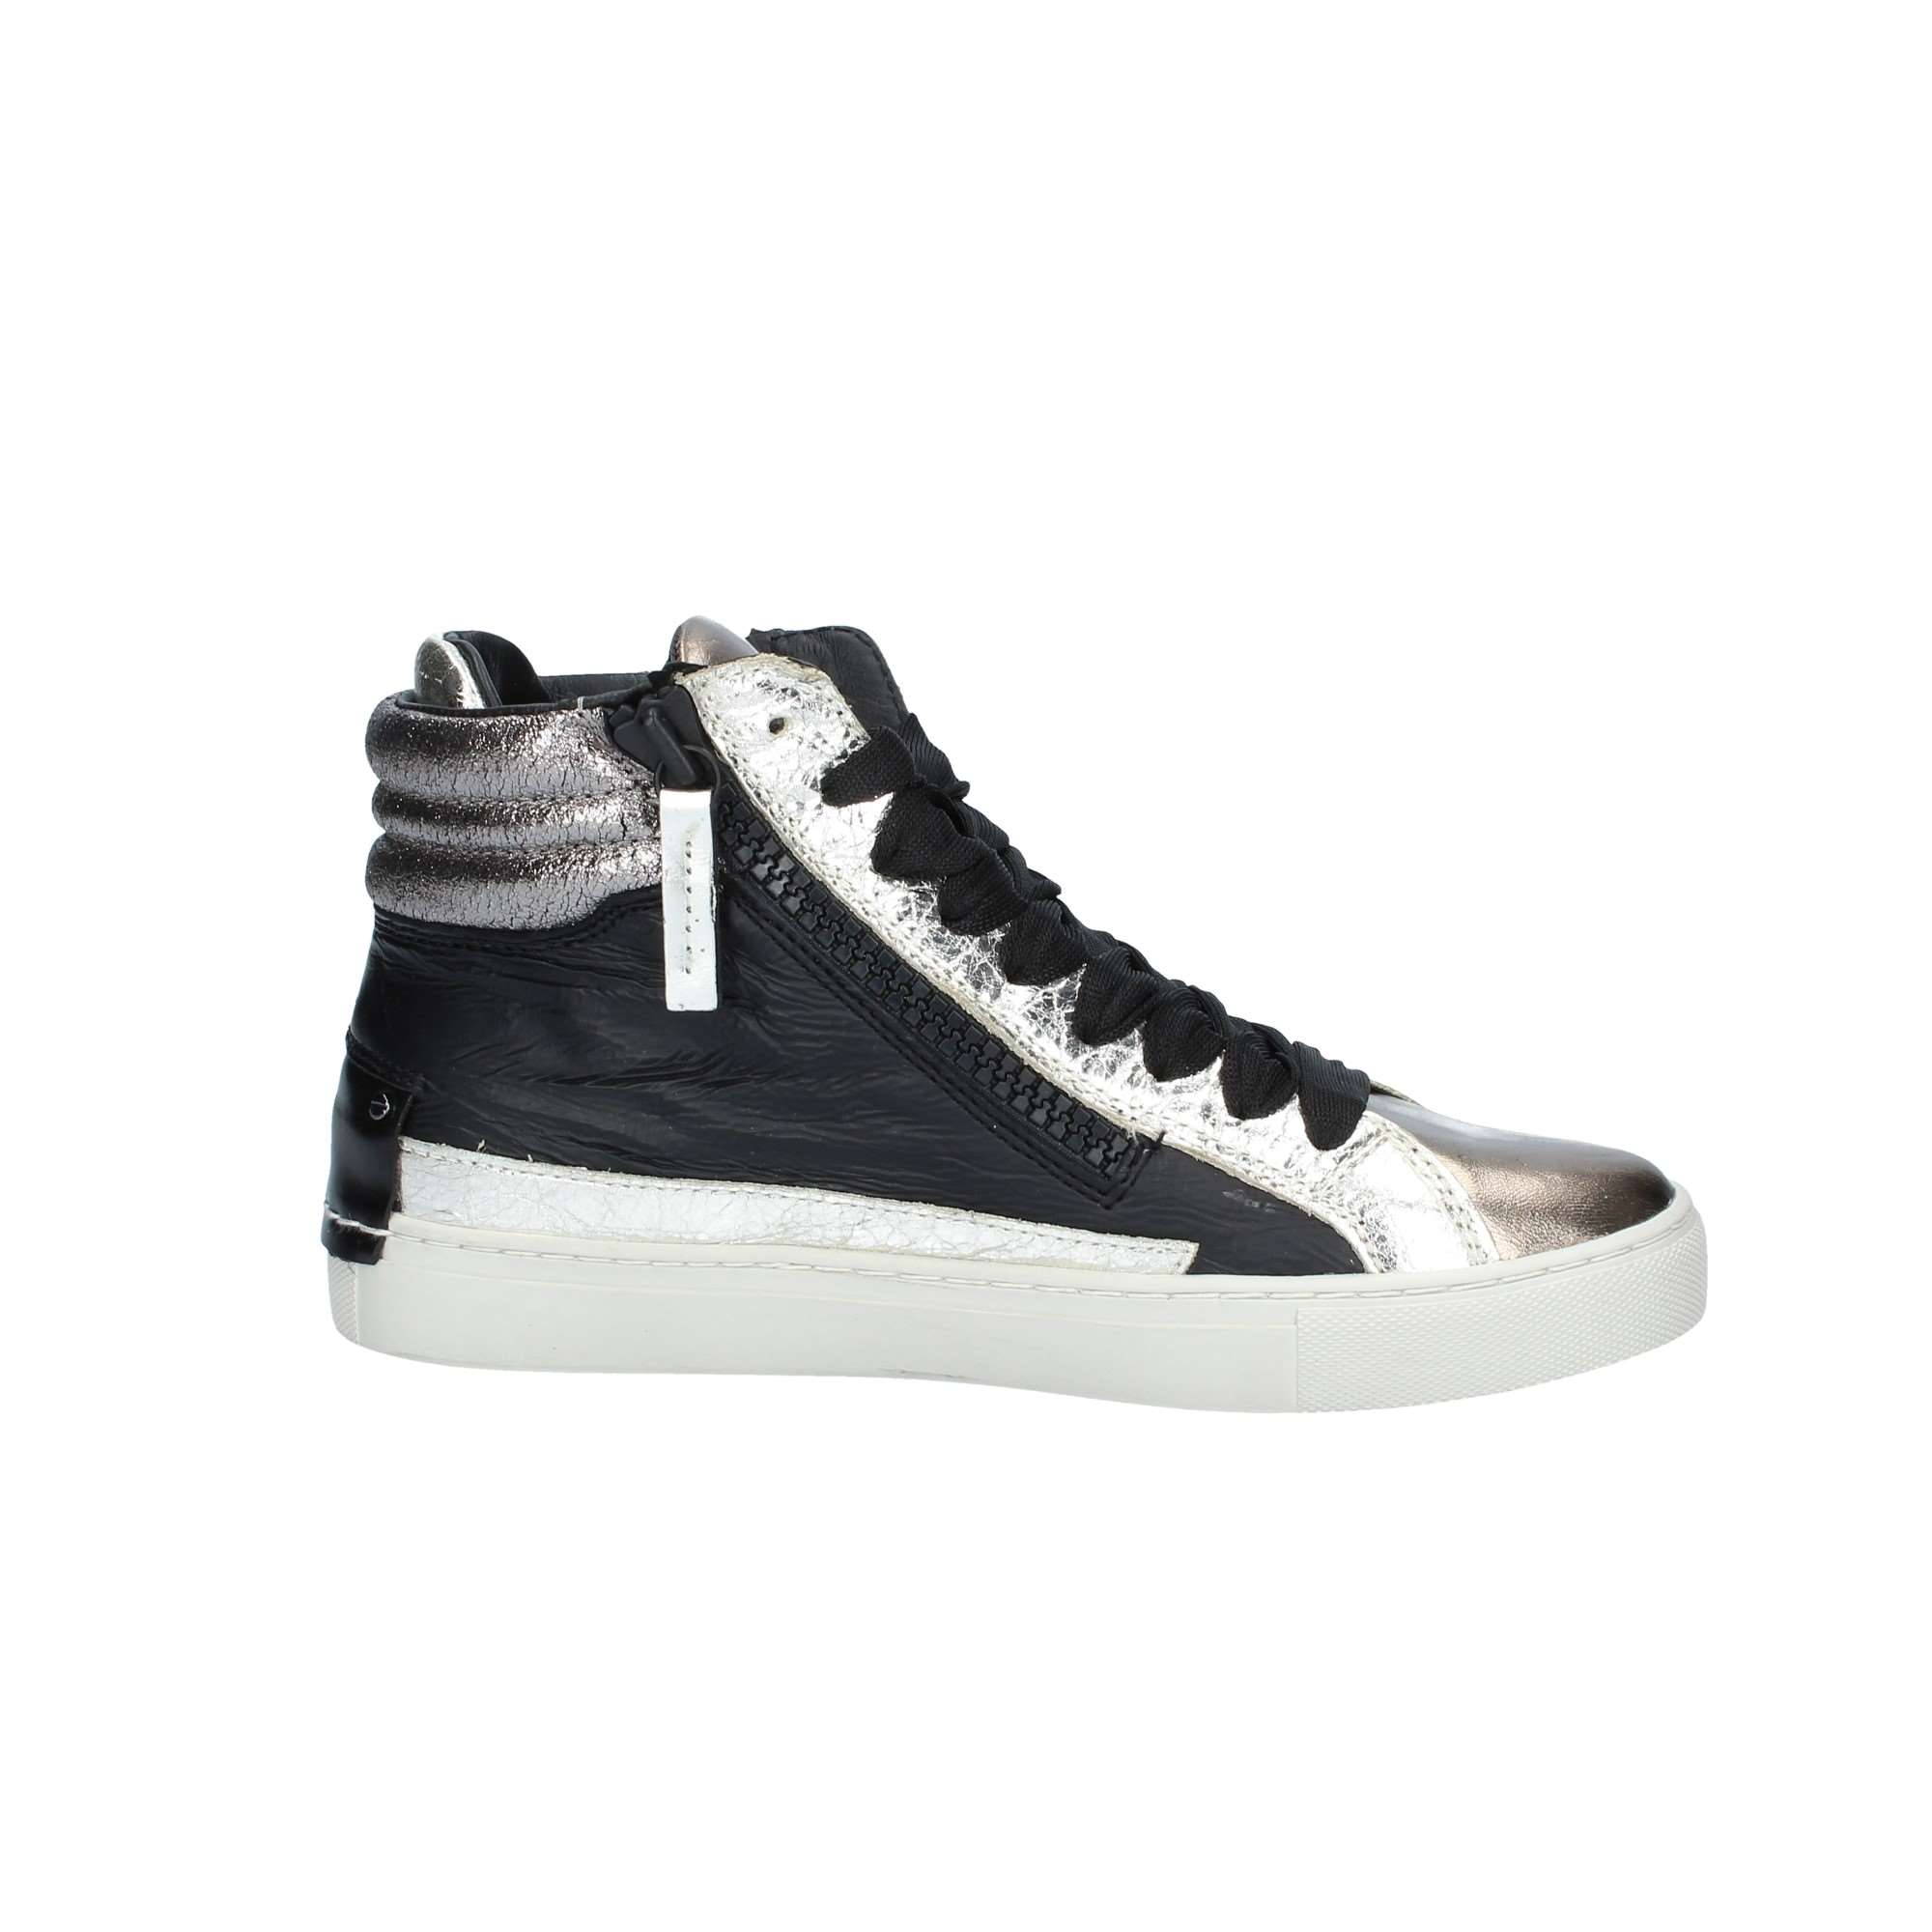 Crime london 25145 nero scarpe da ginnastica ginnastica ginnastica Donna Autunno Inverno 04c62a